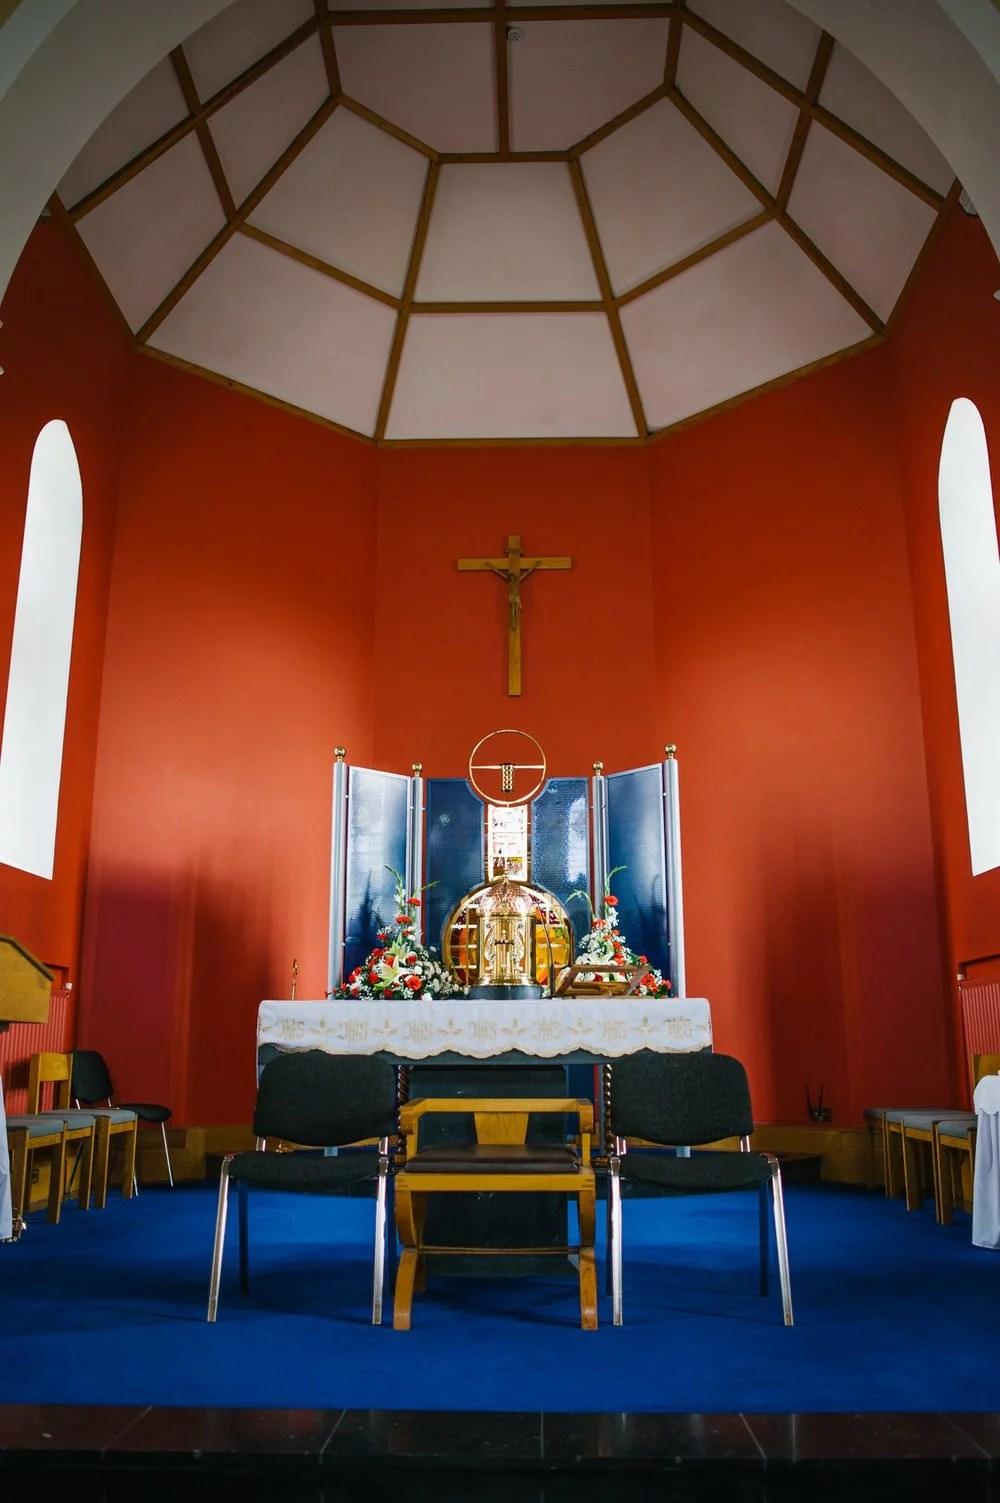 Denise_church-12.jpg